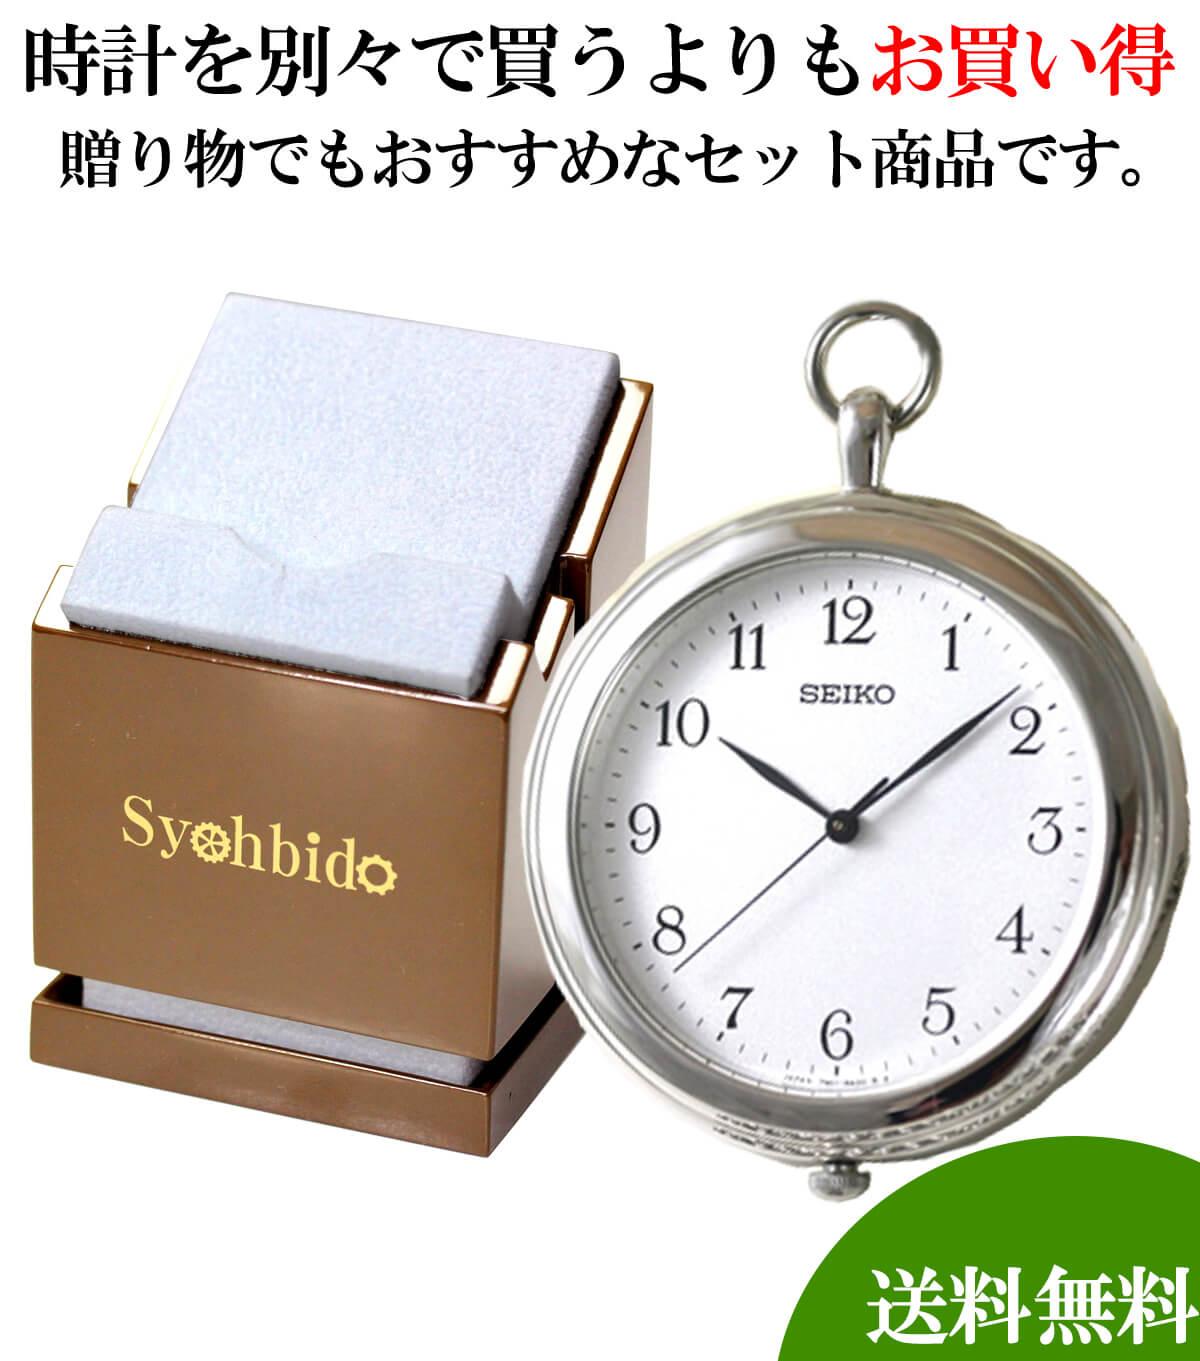 懐中時計と懐中時計専用スタンドのセット sapp001